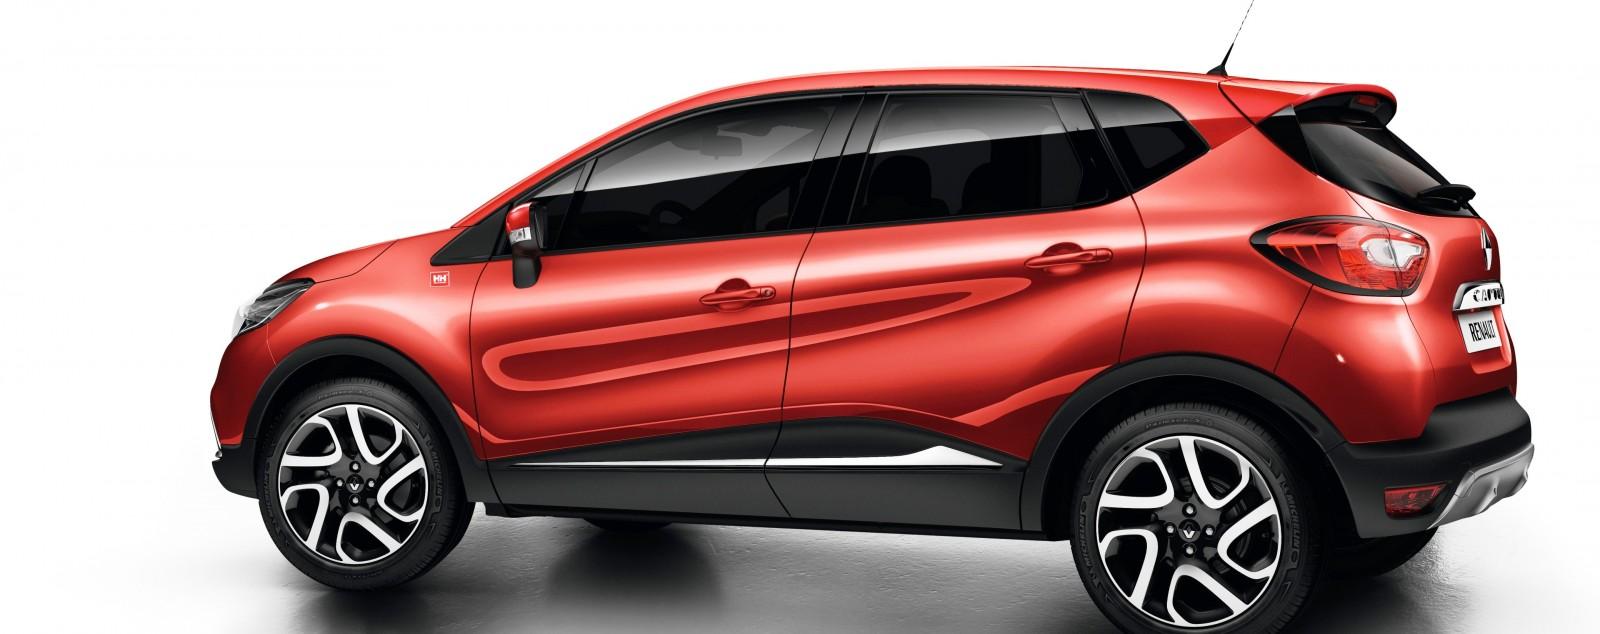 Renault_57253_global_en